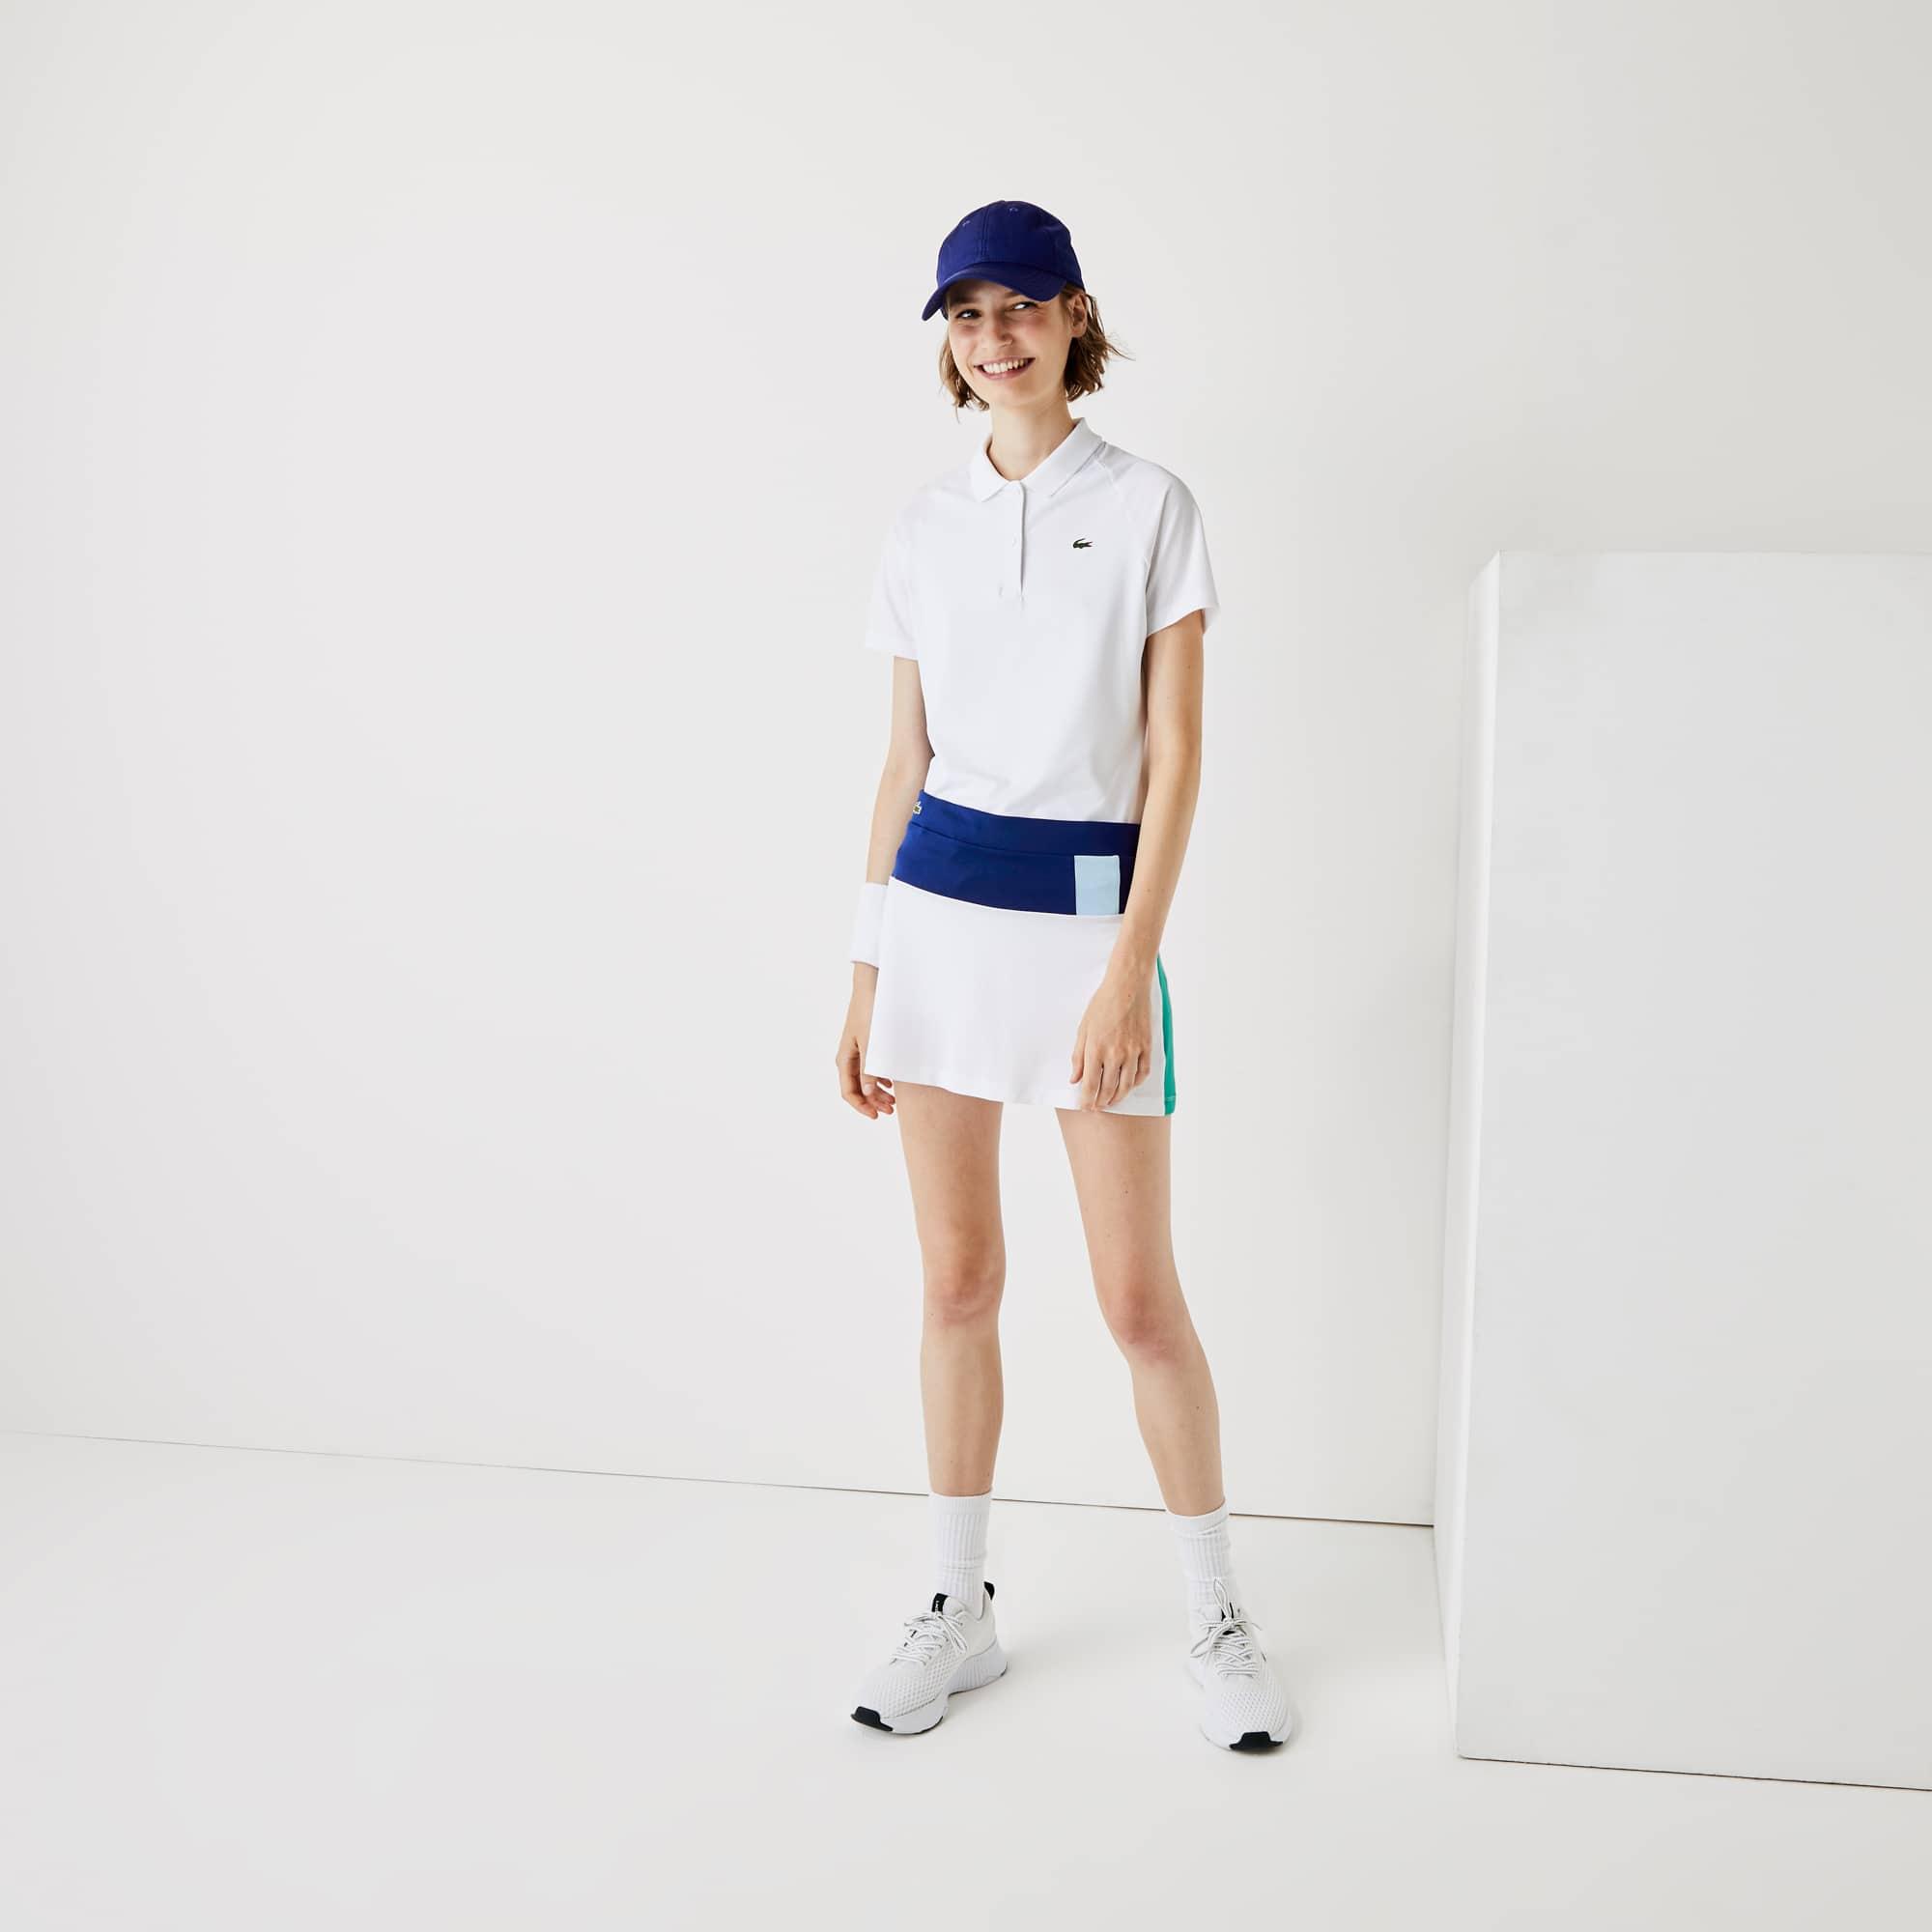 라코스테 스포츠 테니스 스커트 Lacoste Womens SPORT Breathable Stretch Tennis Skirt,Blue / White / Yellow / Blue / Green